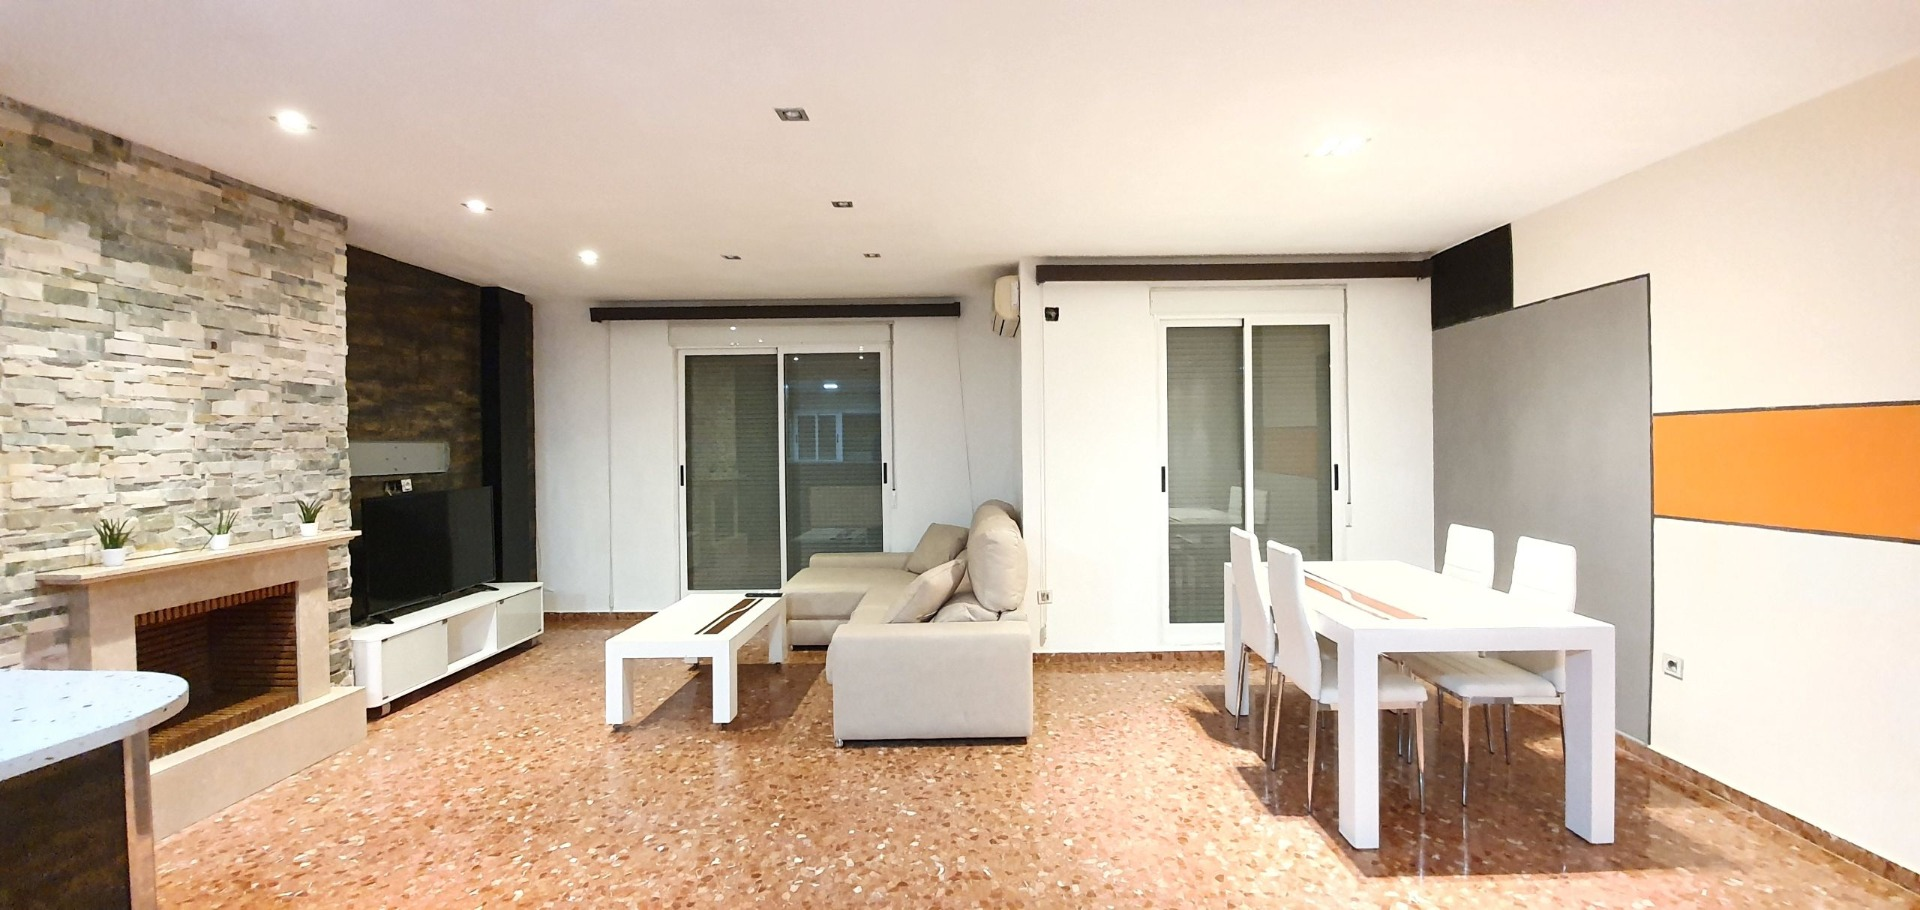 Lloguer Pis  Colegio juan esteve. Altura piso 3º, piso superficie total 90 m², superficie útil 90